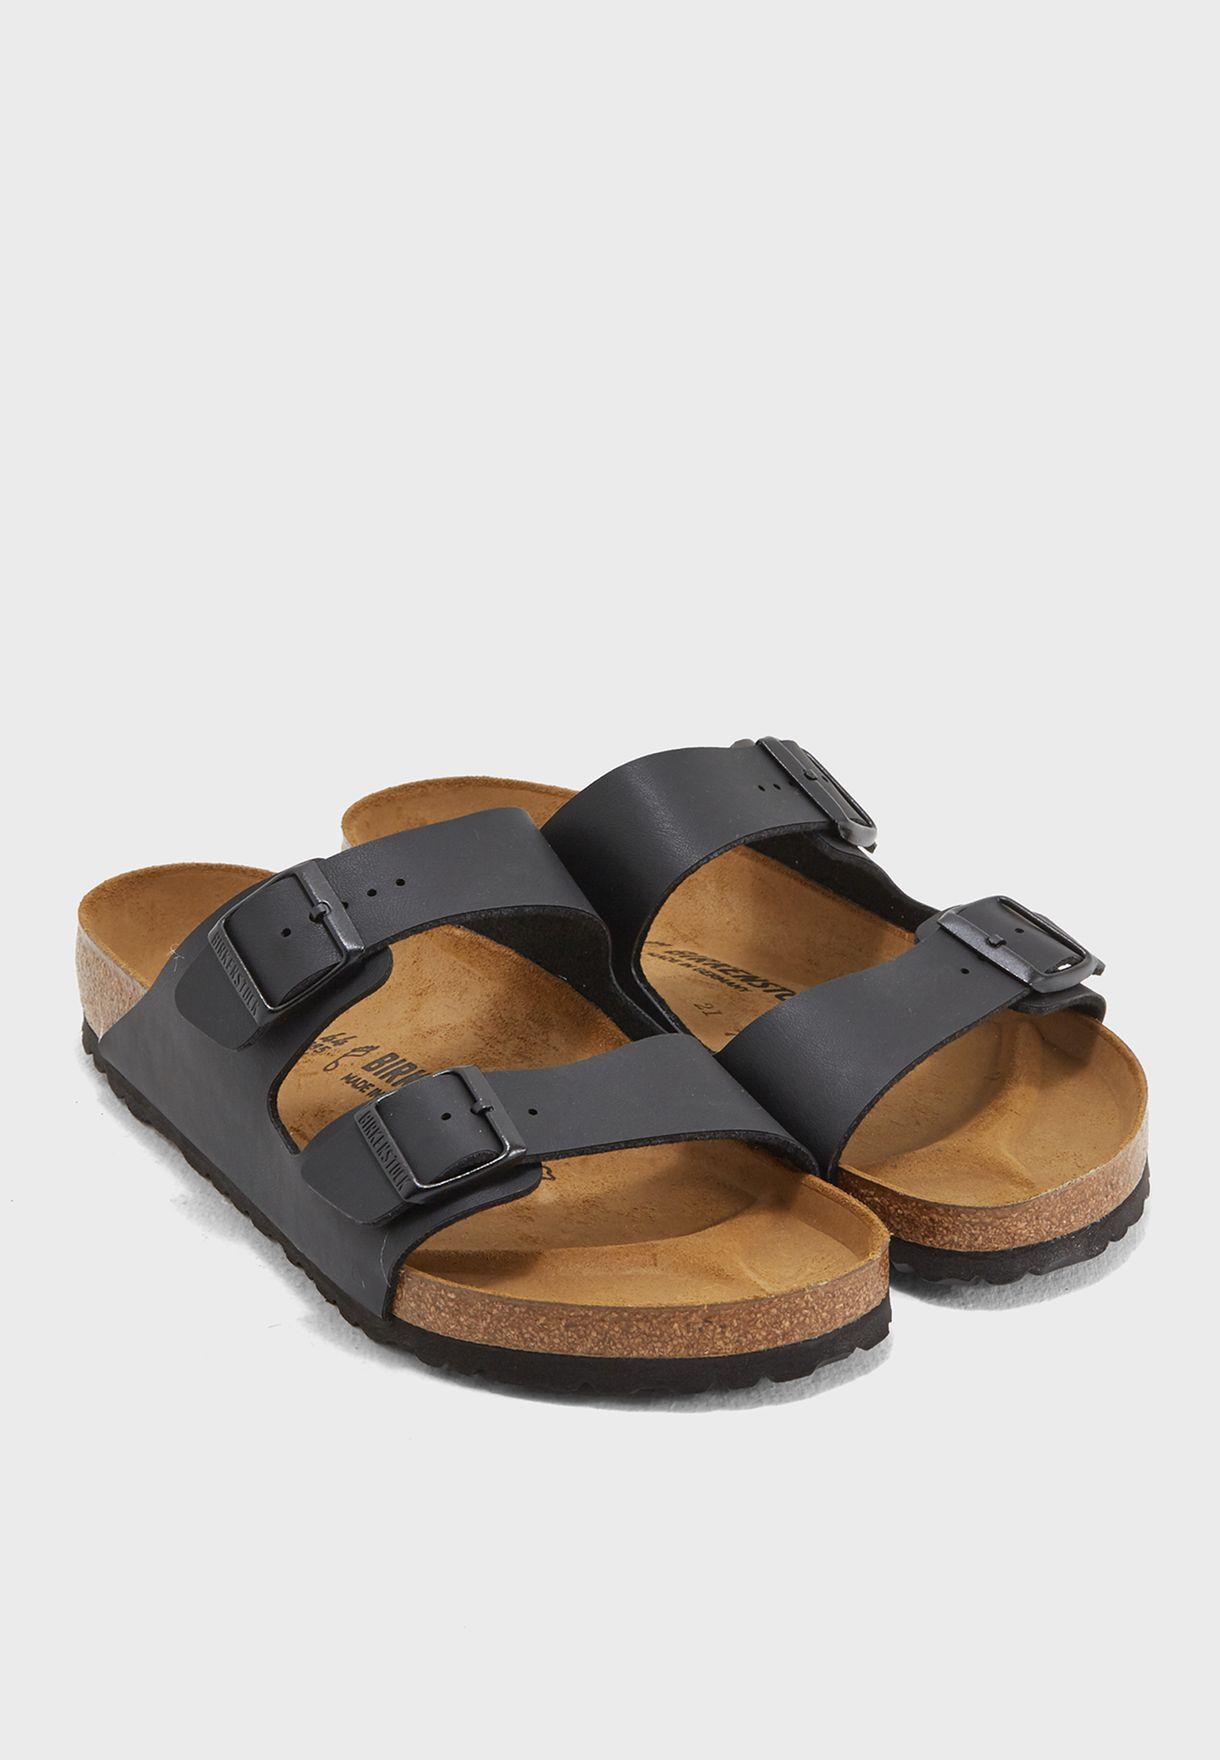 c6b98dba25c4 Shop Birkenstock black Double Buckle Sandals BKARIZ-51791 for Men in ...